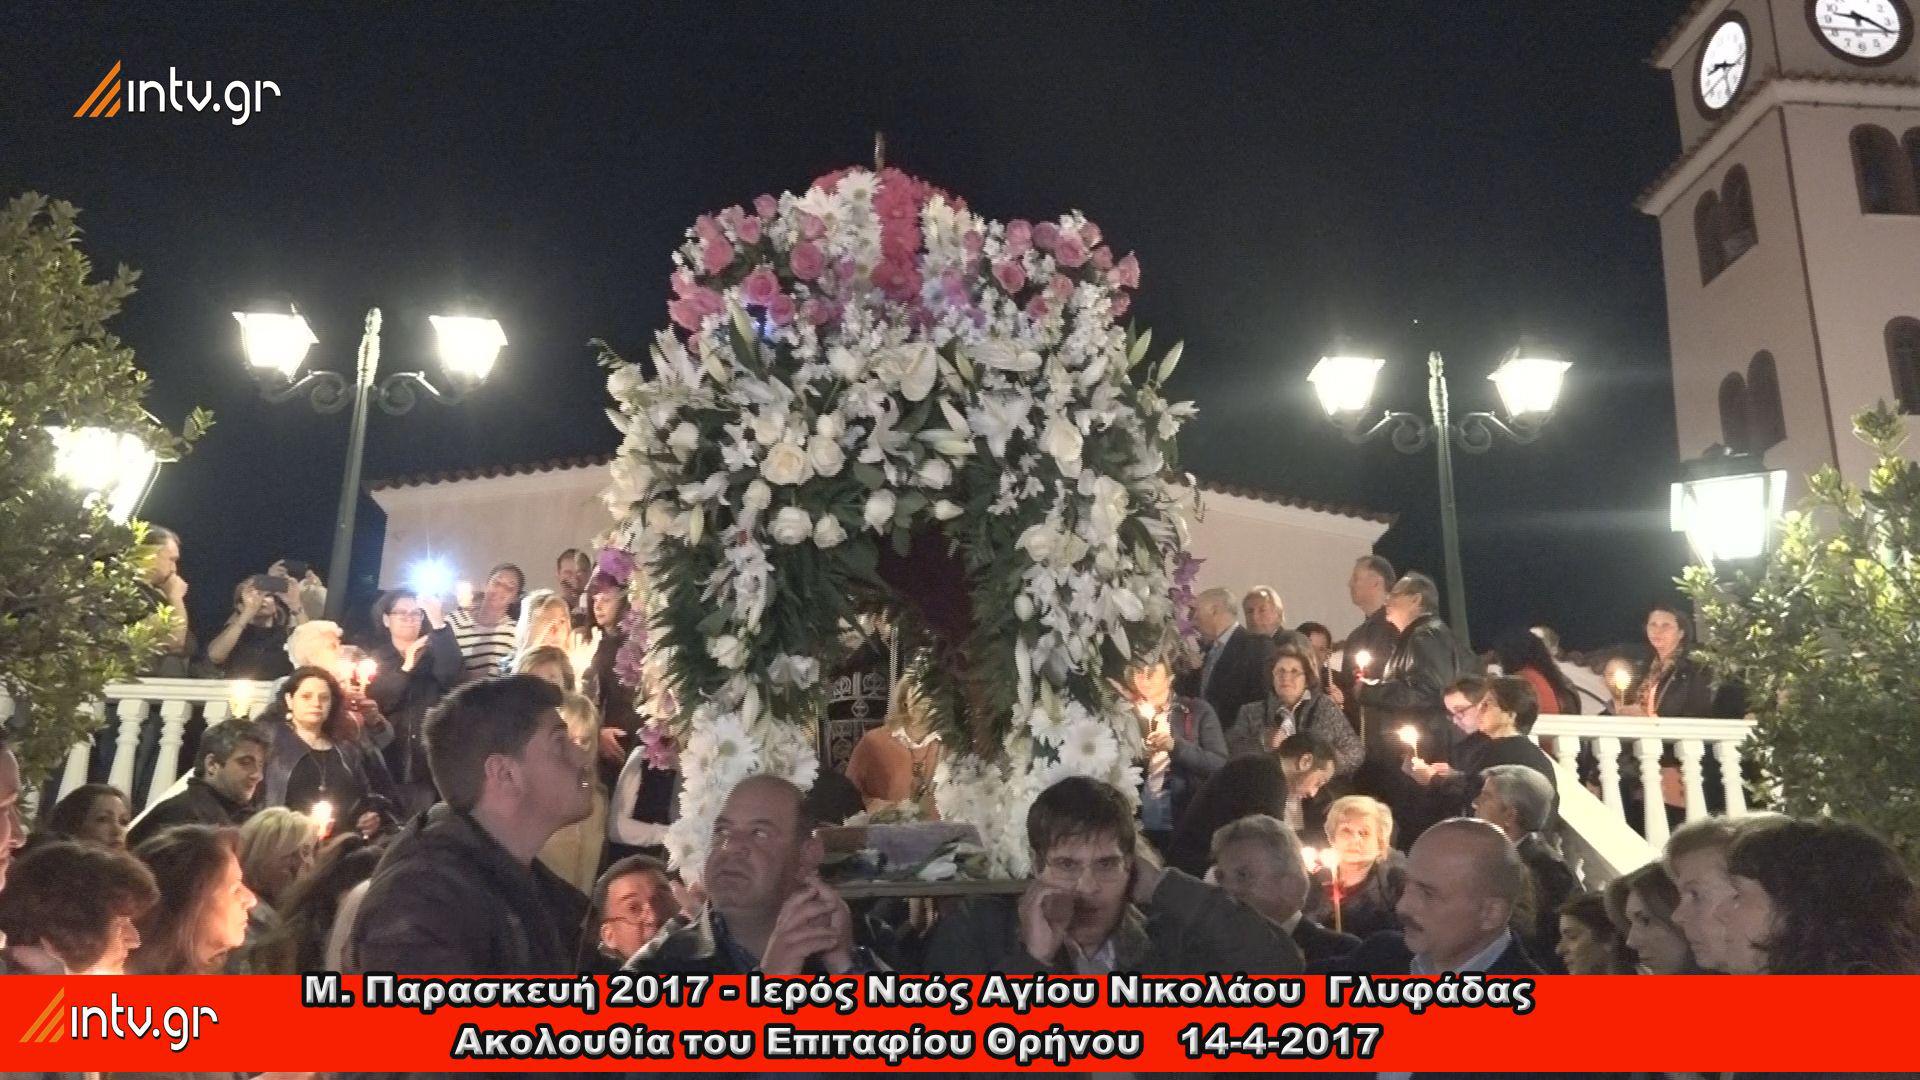 Μ. Παρασκευή 2017 - Ιερός Ναός Αγίου Νικολάου  Γλυφάδας - Ακολουθία του Επιταφίου Θρήνου